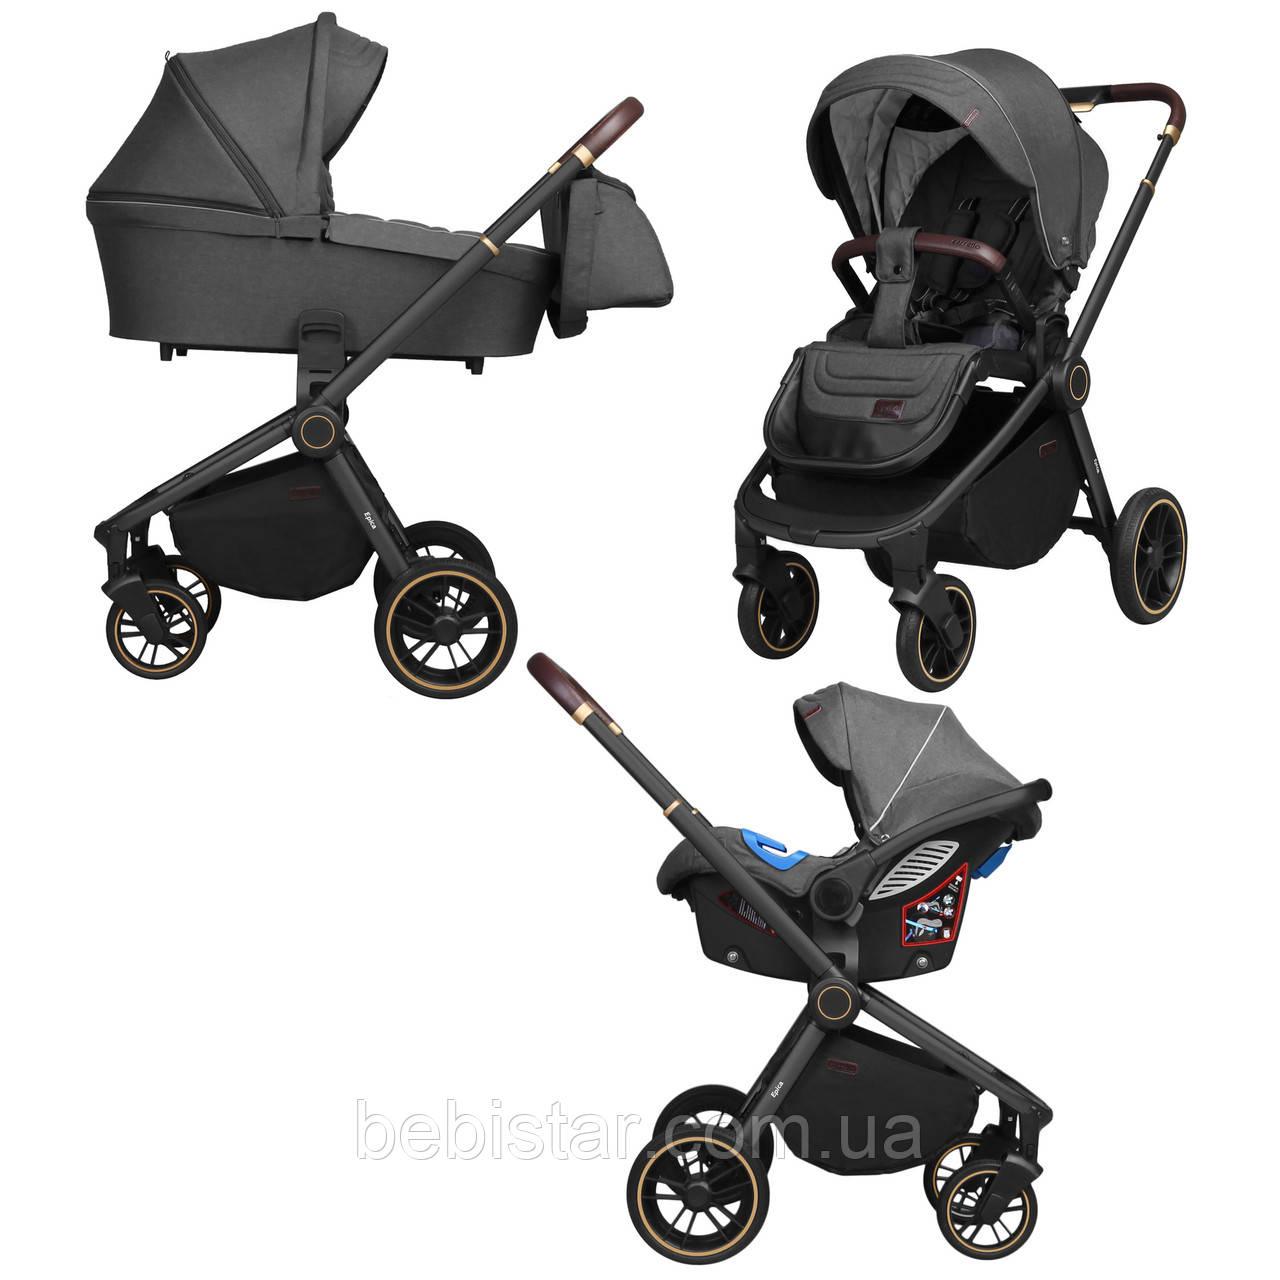 Универсальная коляска 3в1 темно-серая автокресло дождевик CARRELLO Epica CRL-8511/1 Iron Grey от рождения